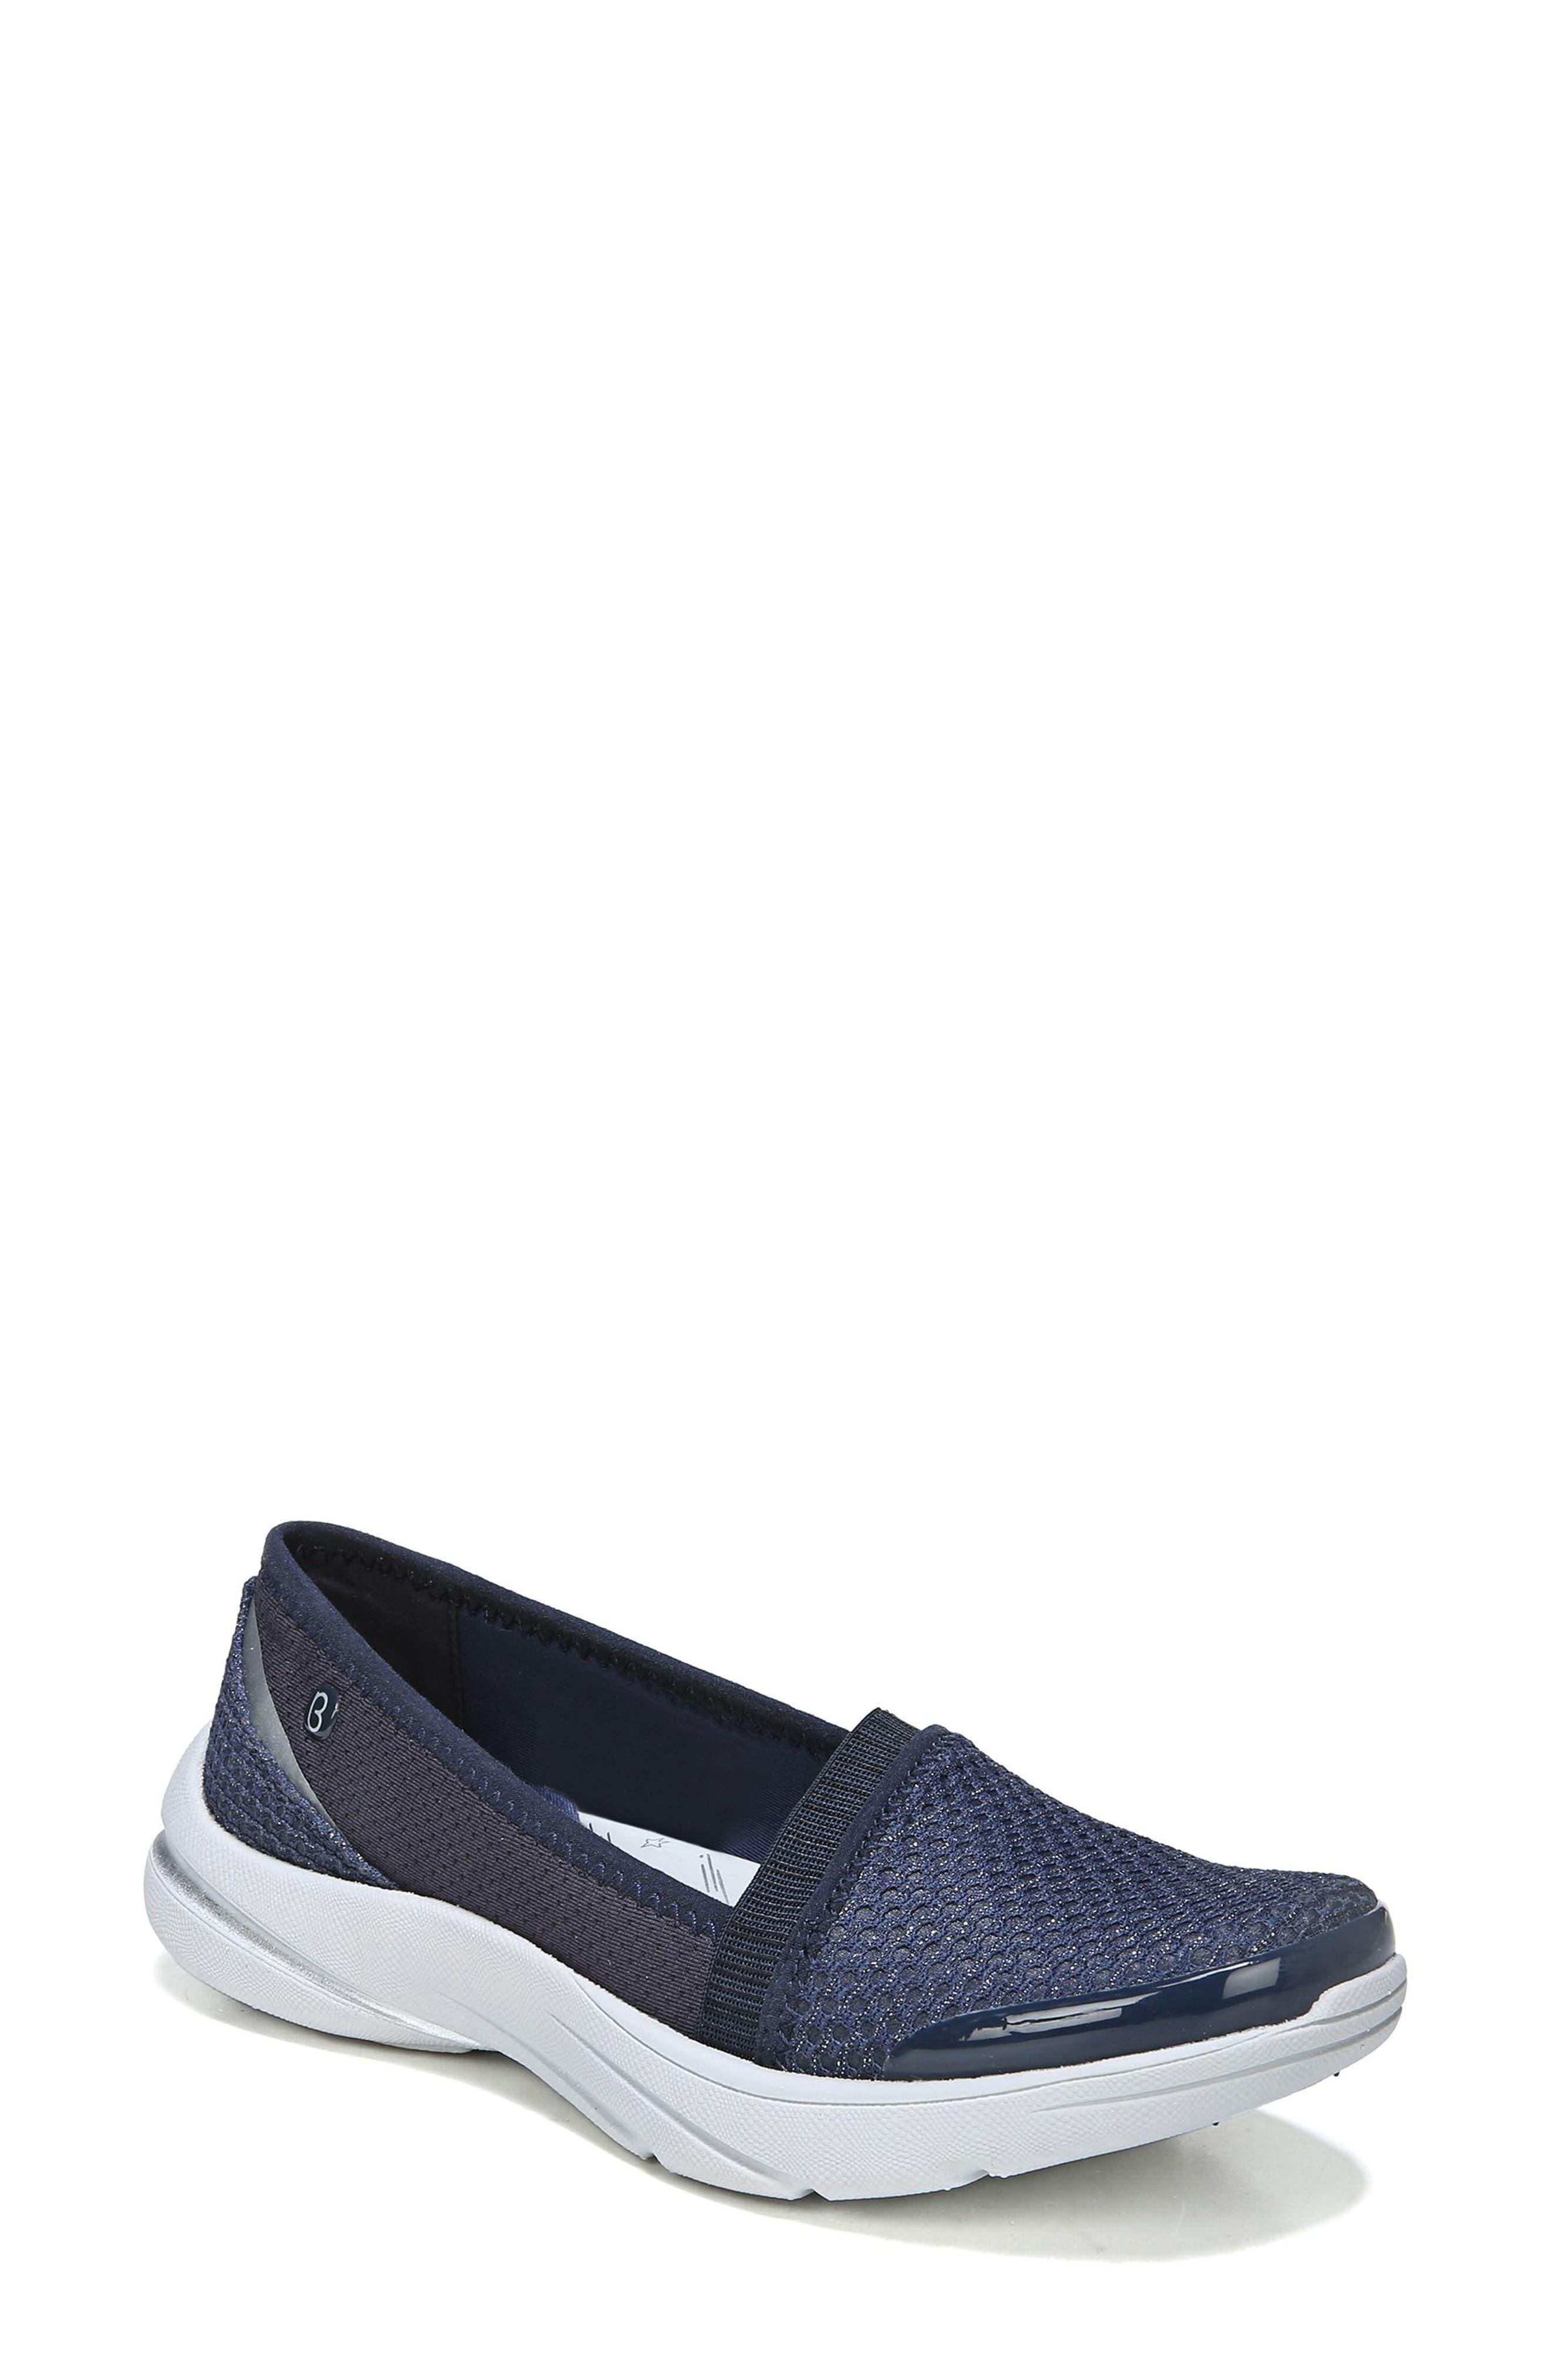 Bzees Lollipop Slip-On Sneaker, Blue